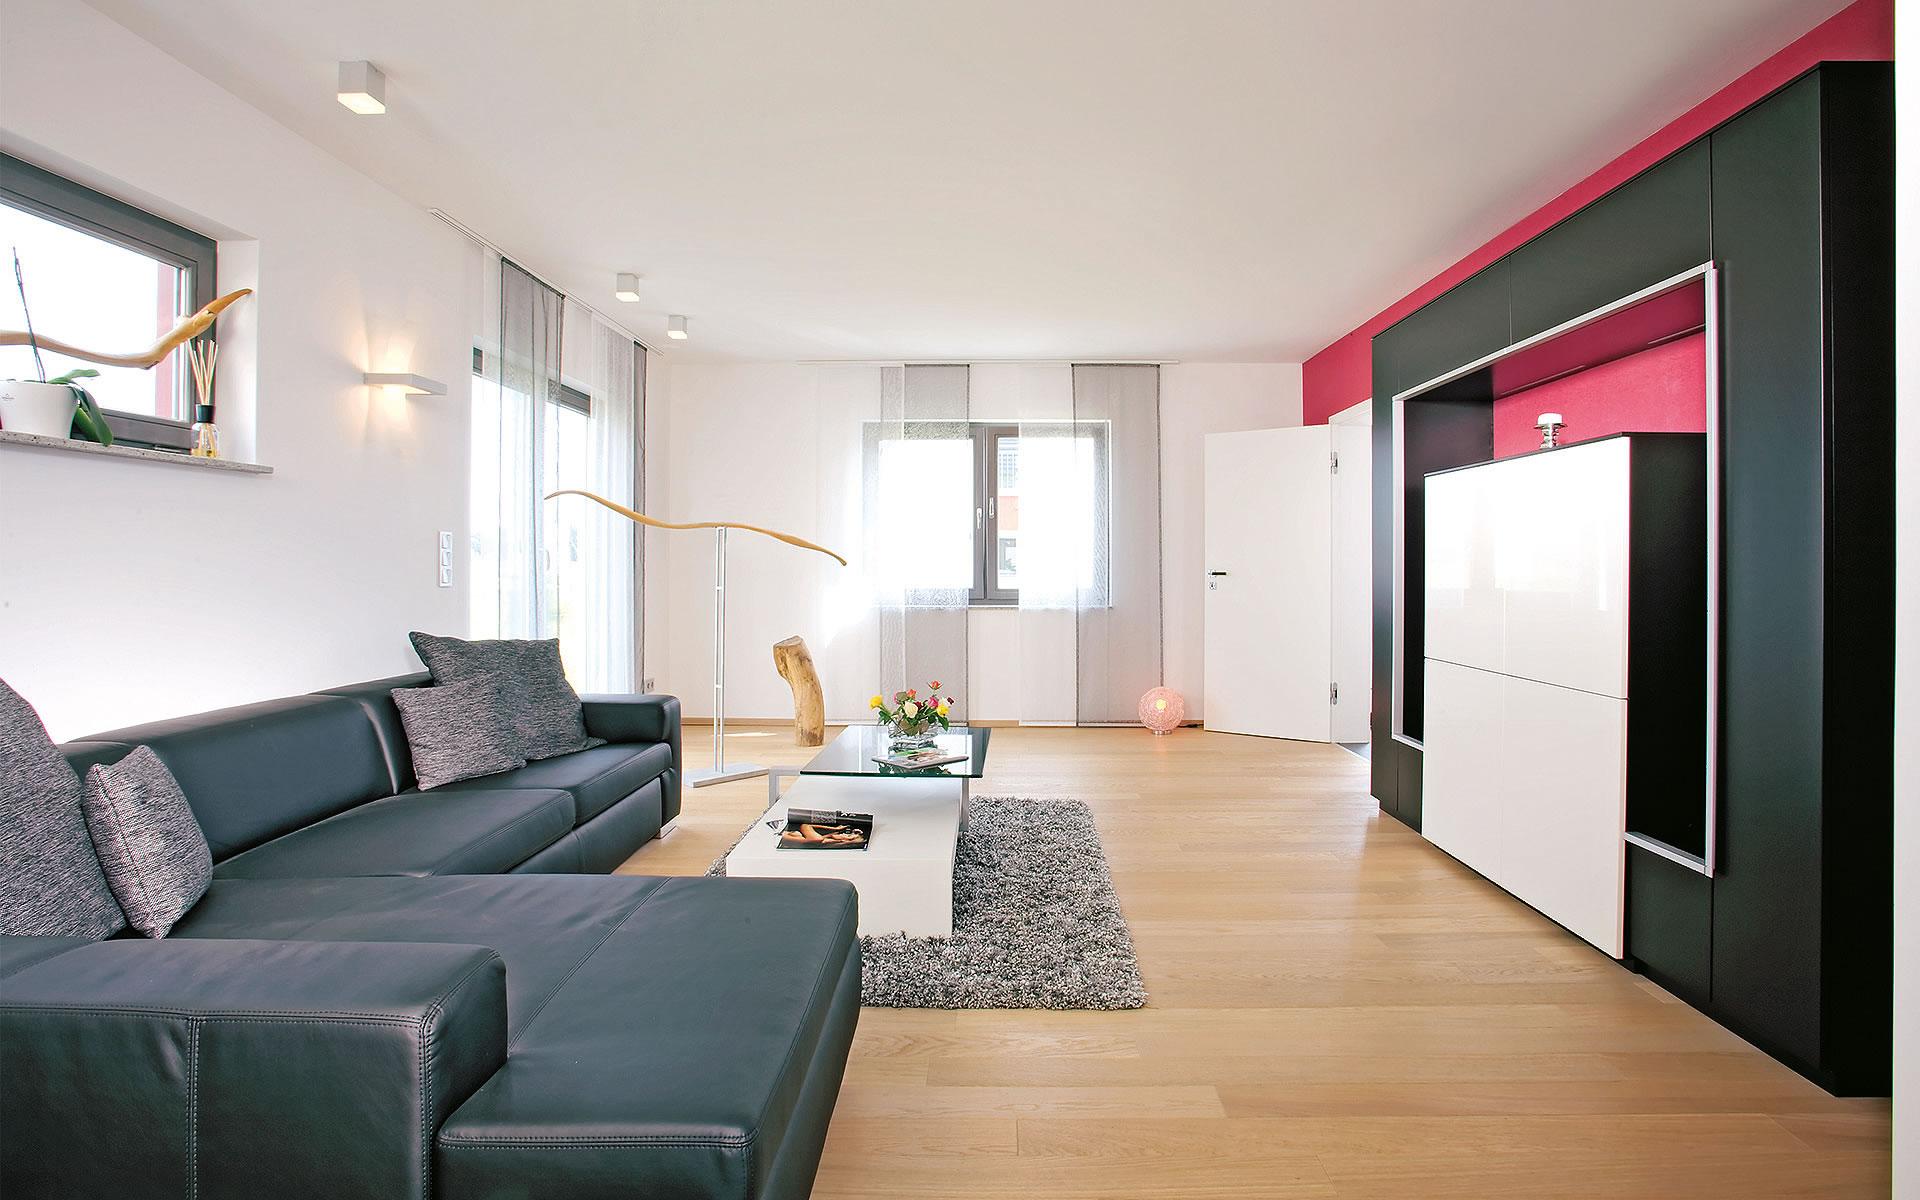 Erlangen (Musterhaus) von Fingerhut Haus GmbH & Co. KG